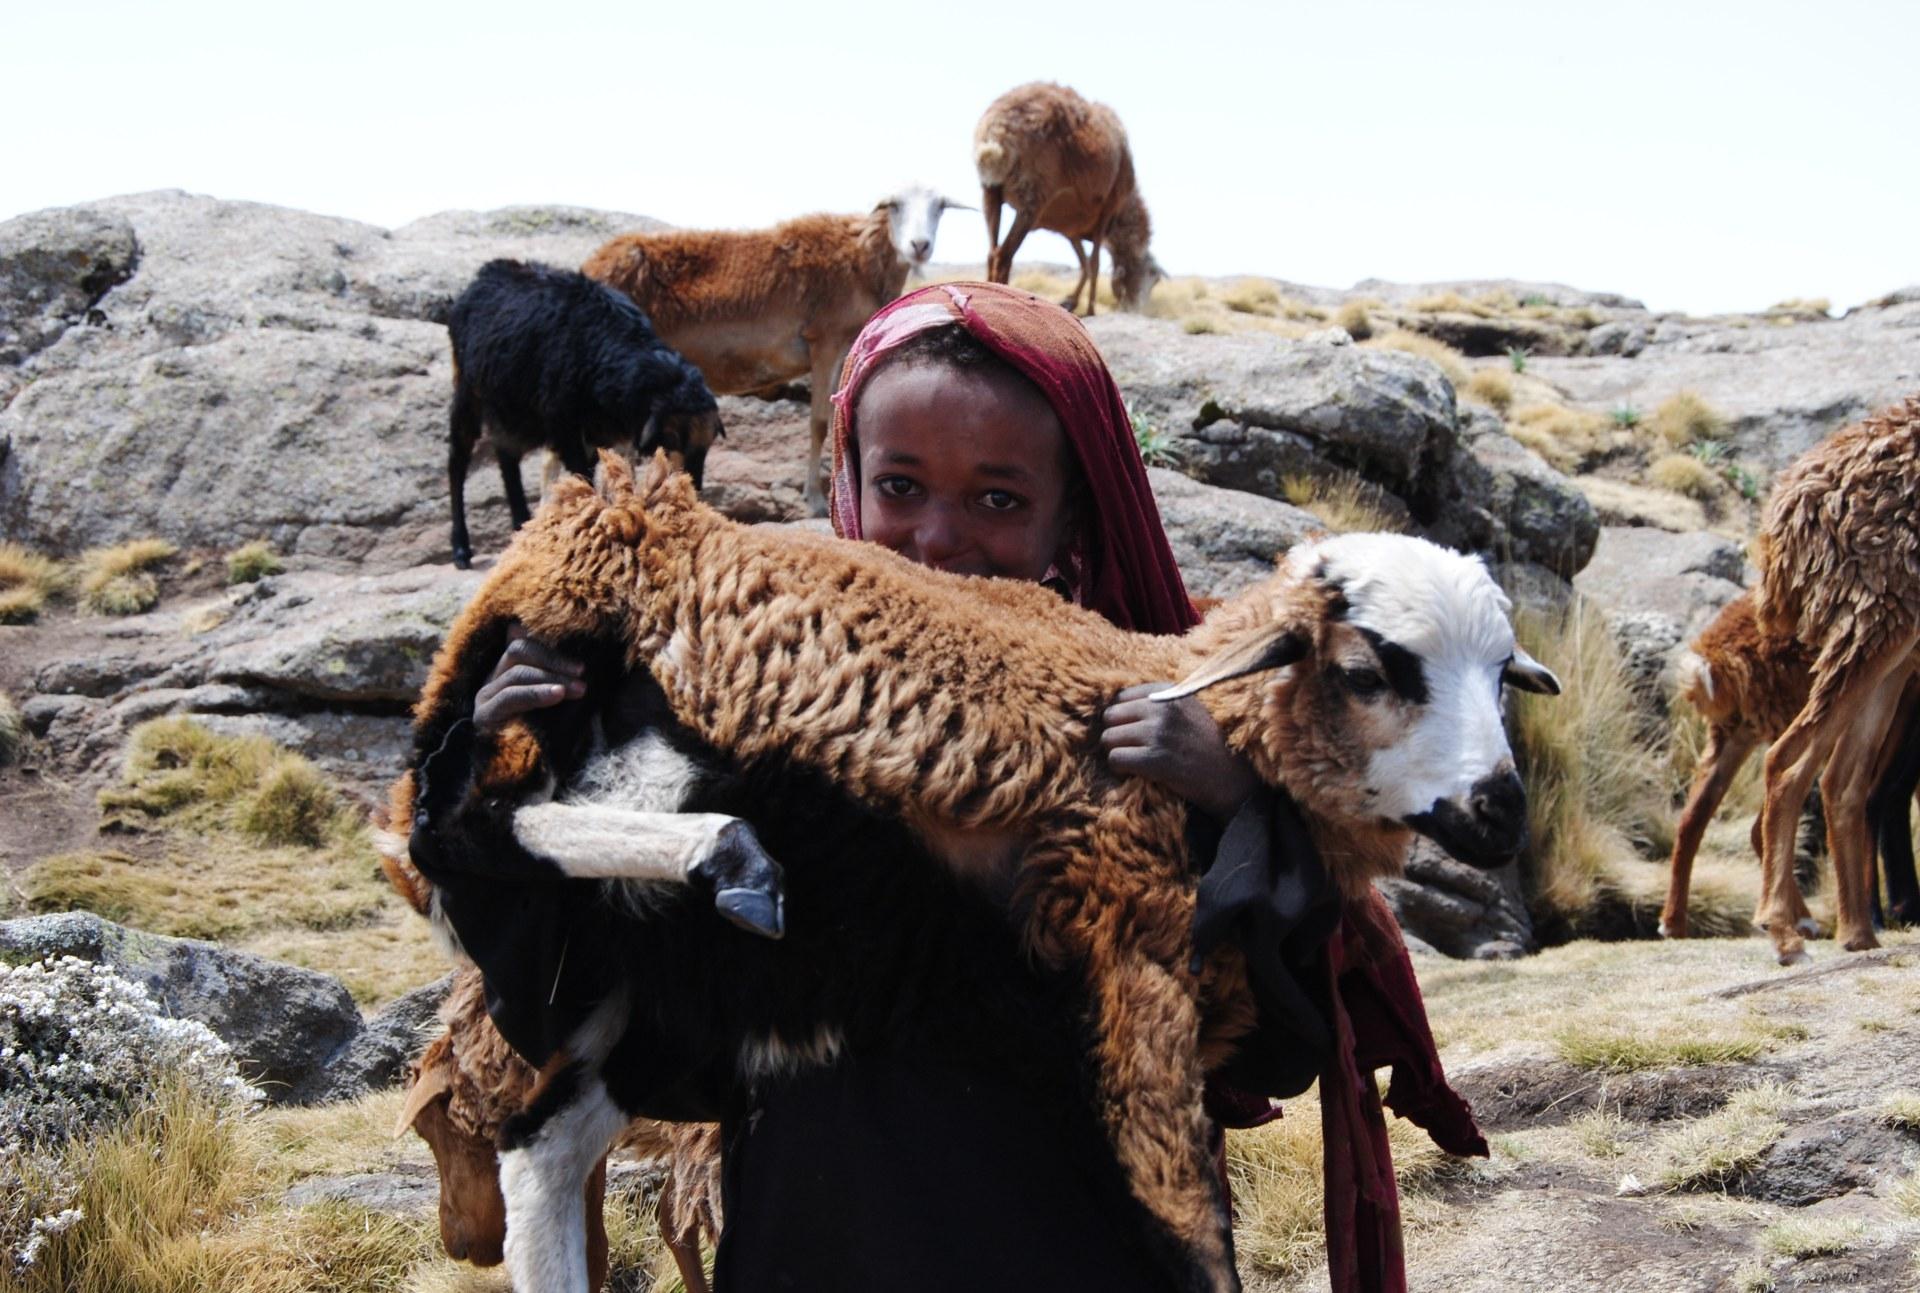 Ein äthiopisches Mädchen hält ein Lamm auf dem Arm